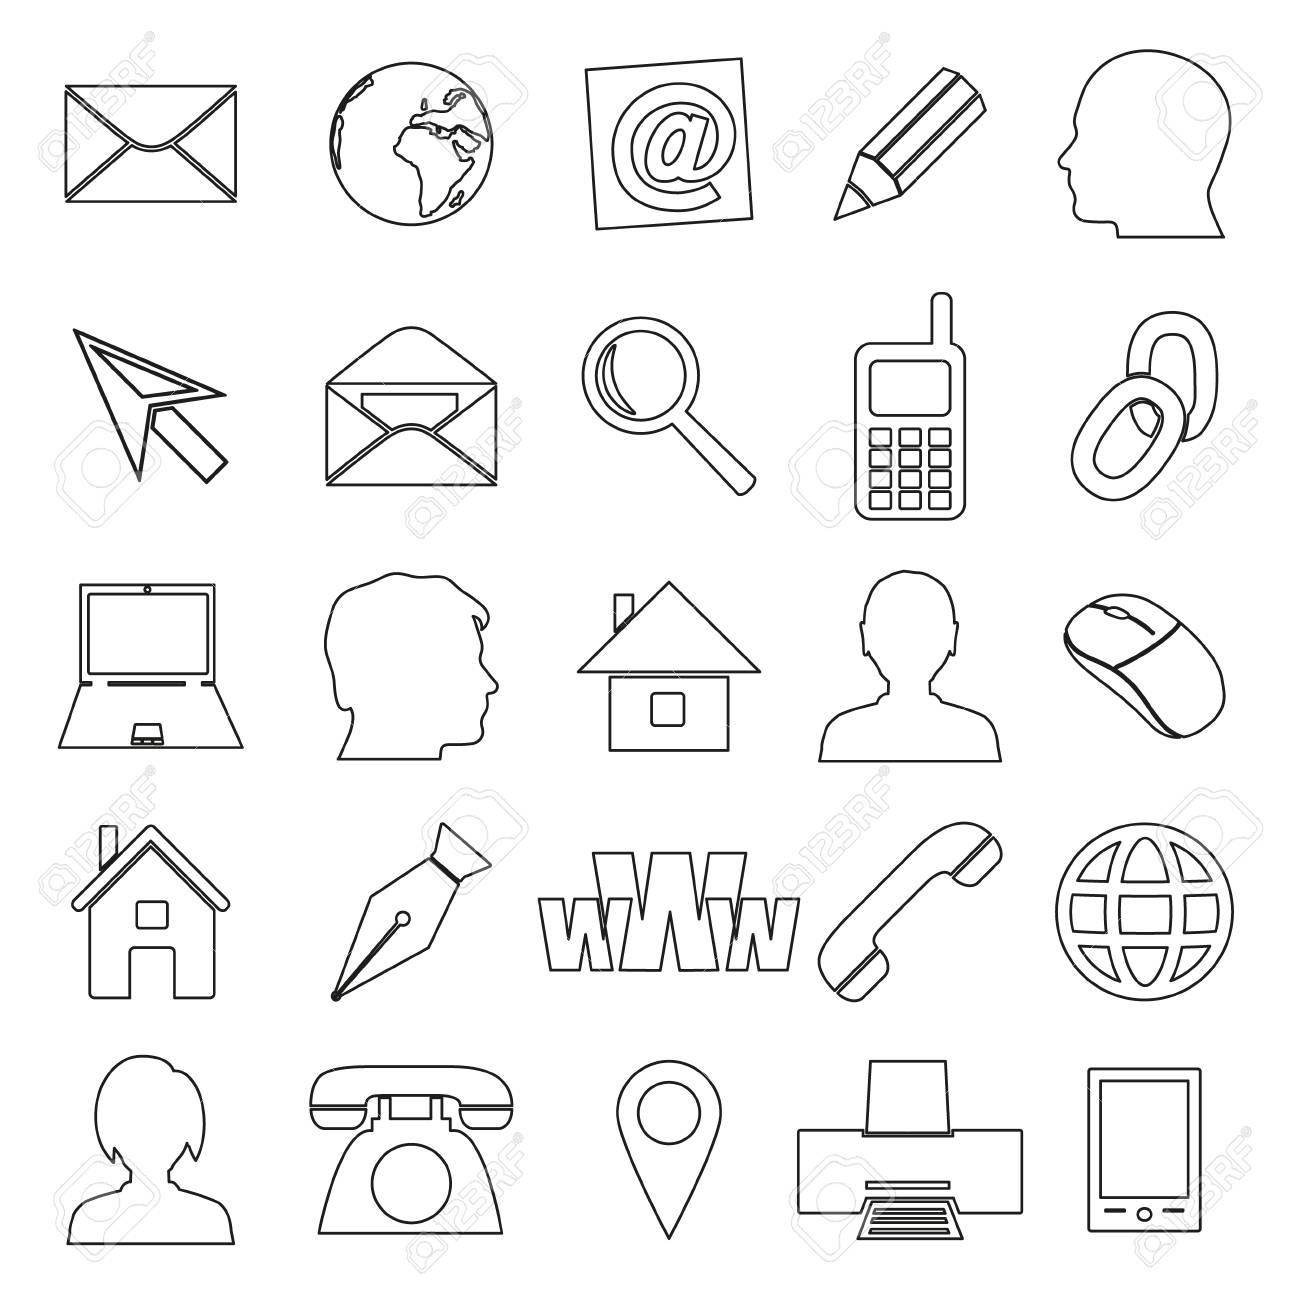 Icones De Contour Simples Pour Carte Visite Et Une Utilisation